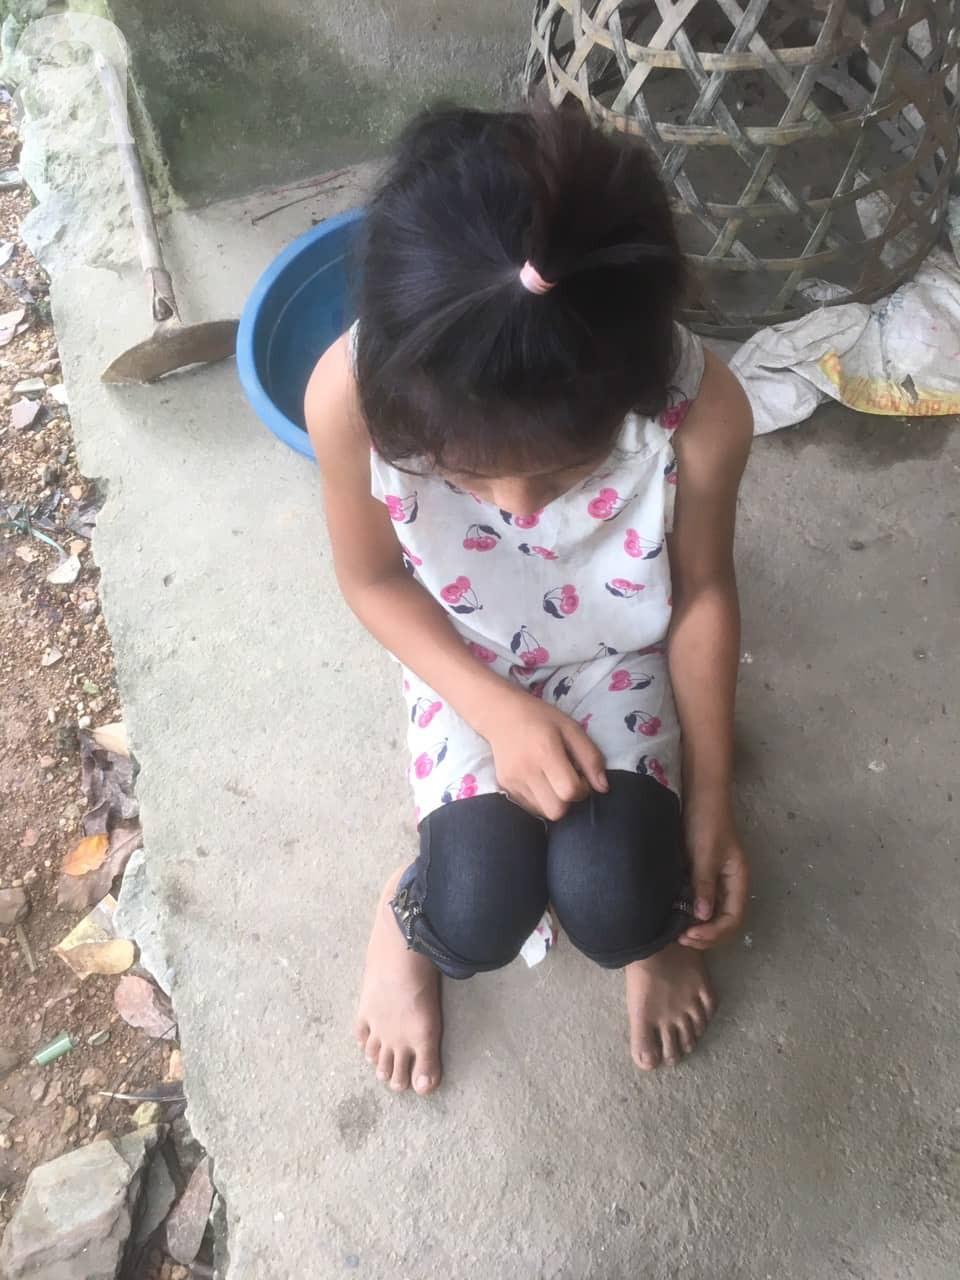 Bé gái 13 tuổi nghi bị gã hàng xóm xâm hại nhiều lần rồi dọa giết nếu tiết lộ ở Hà Giang - Ảnh 7